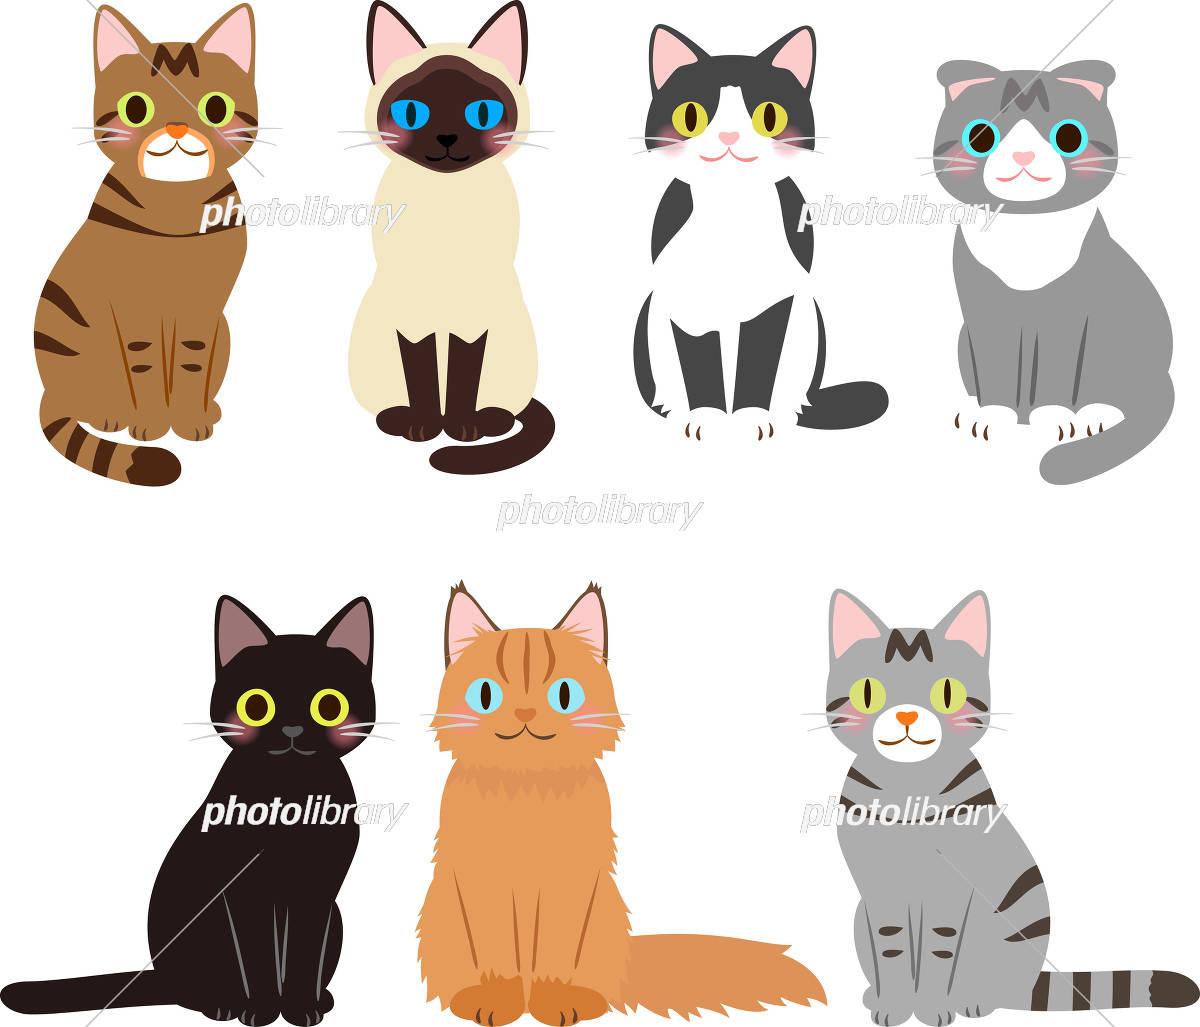 座る猫のイラストセット イラスト素材 4589385 フォトライブラリー